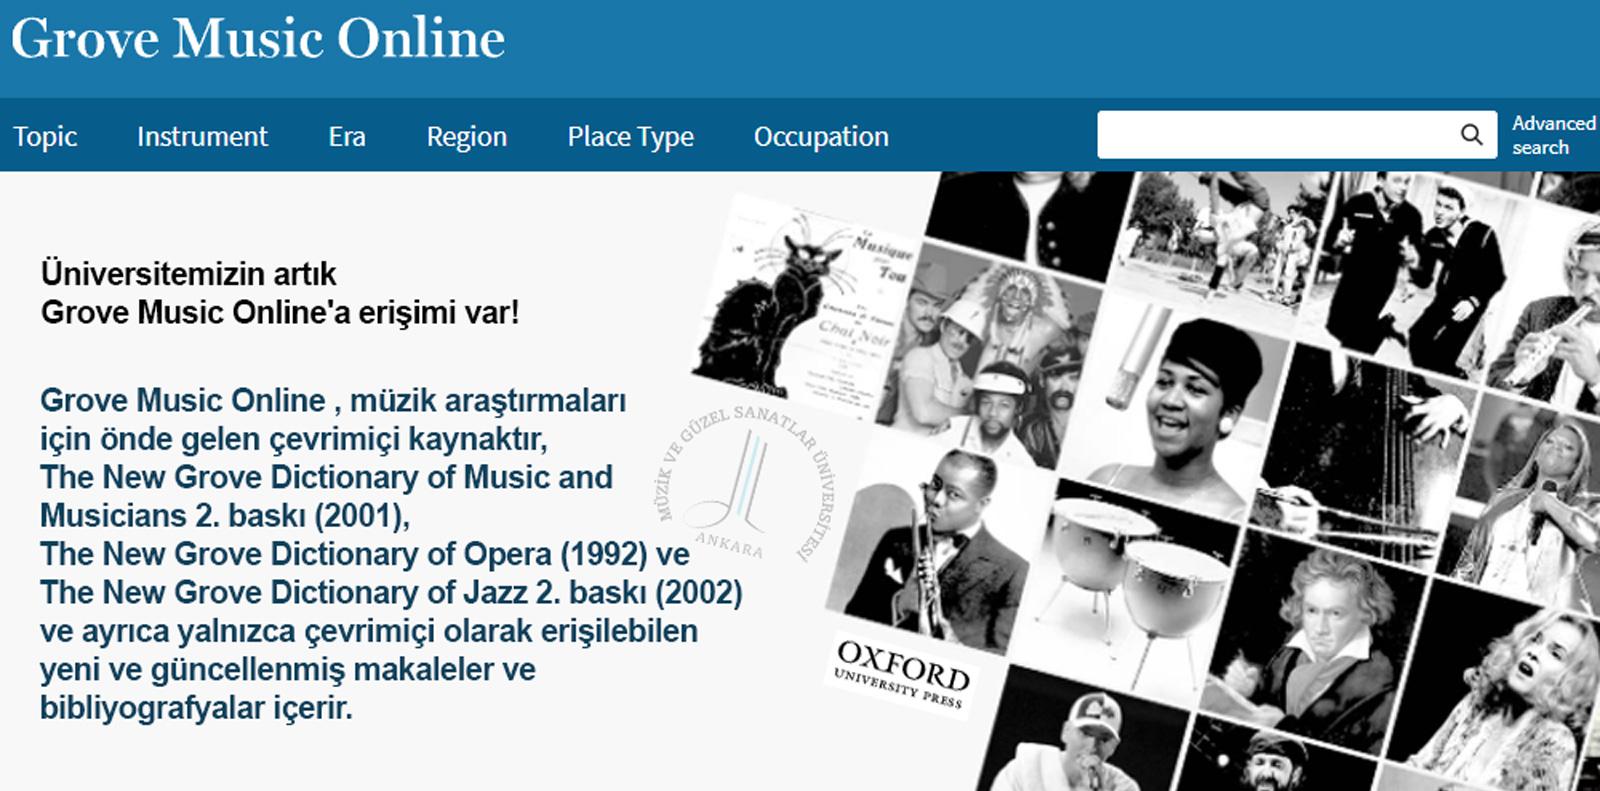 Grove Music Online Slide